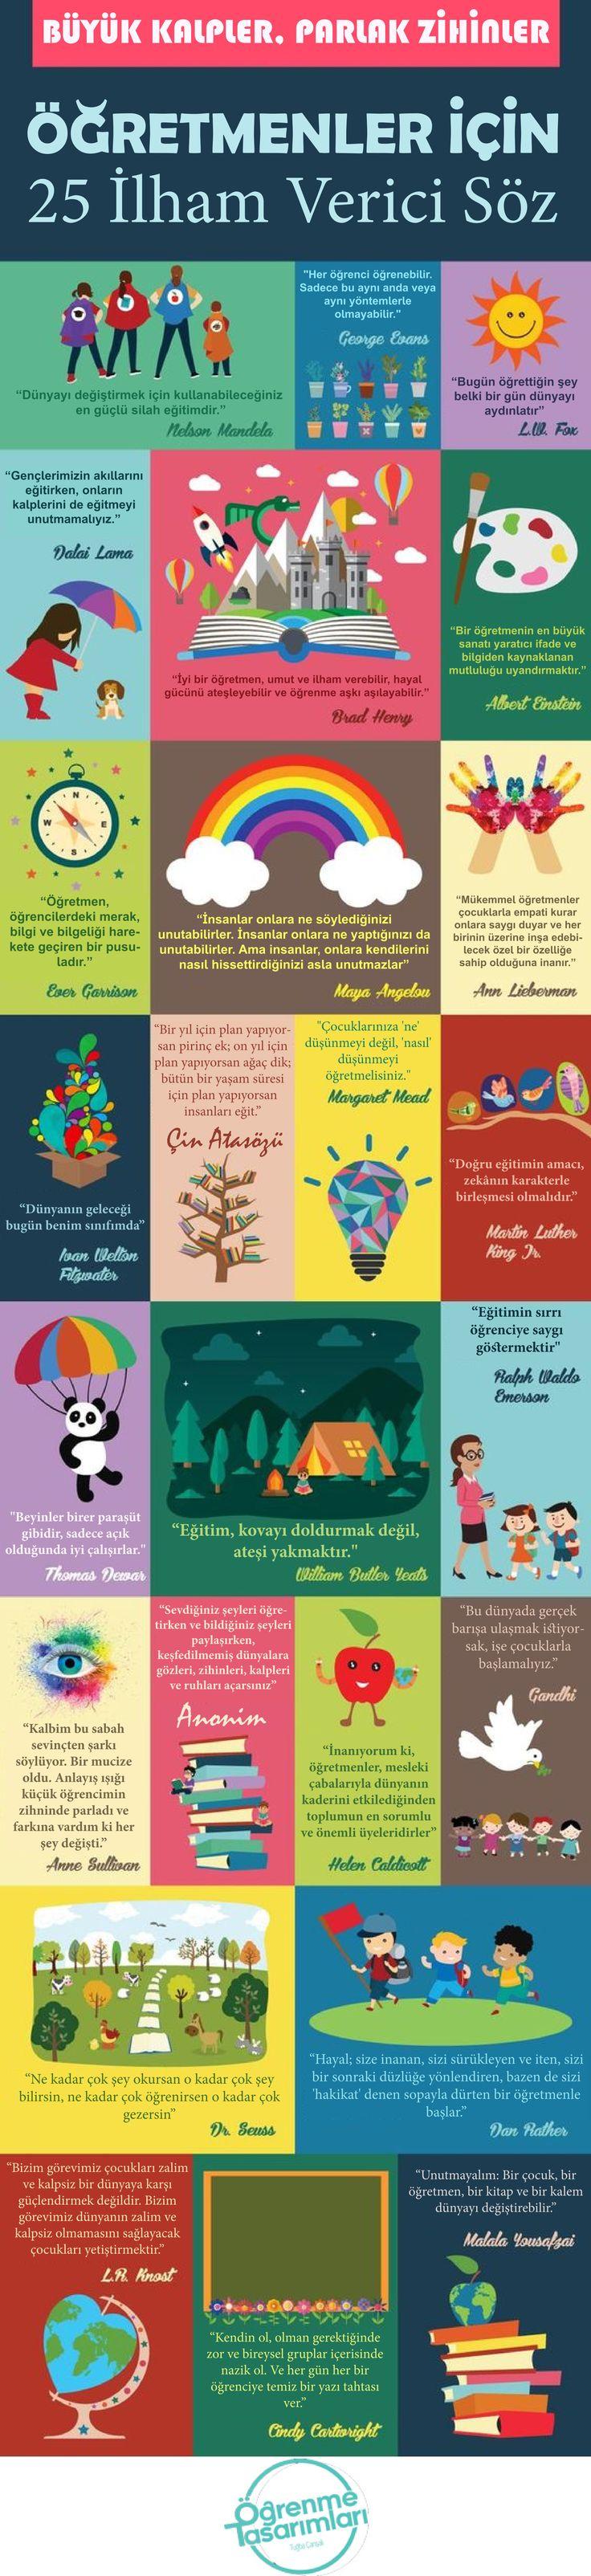 Öğretmenler İçin 25 İlham Verici Söz